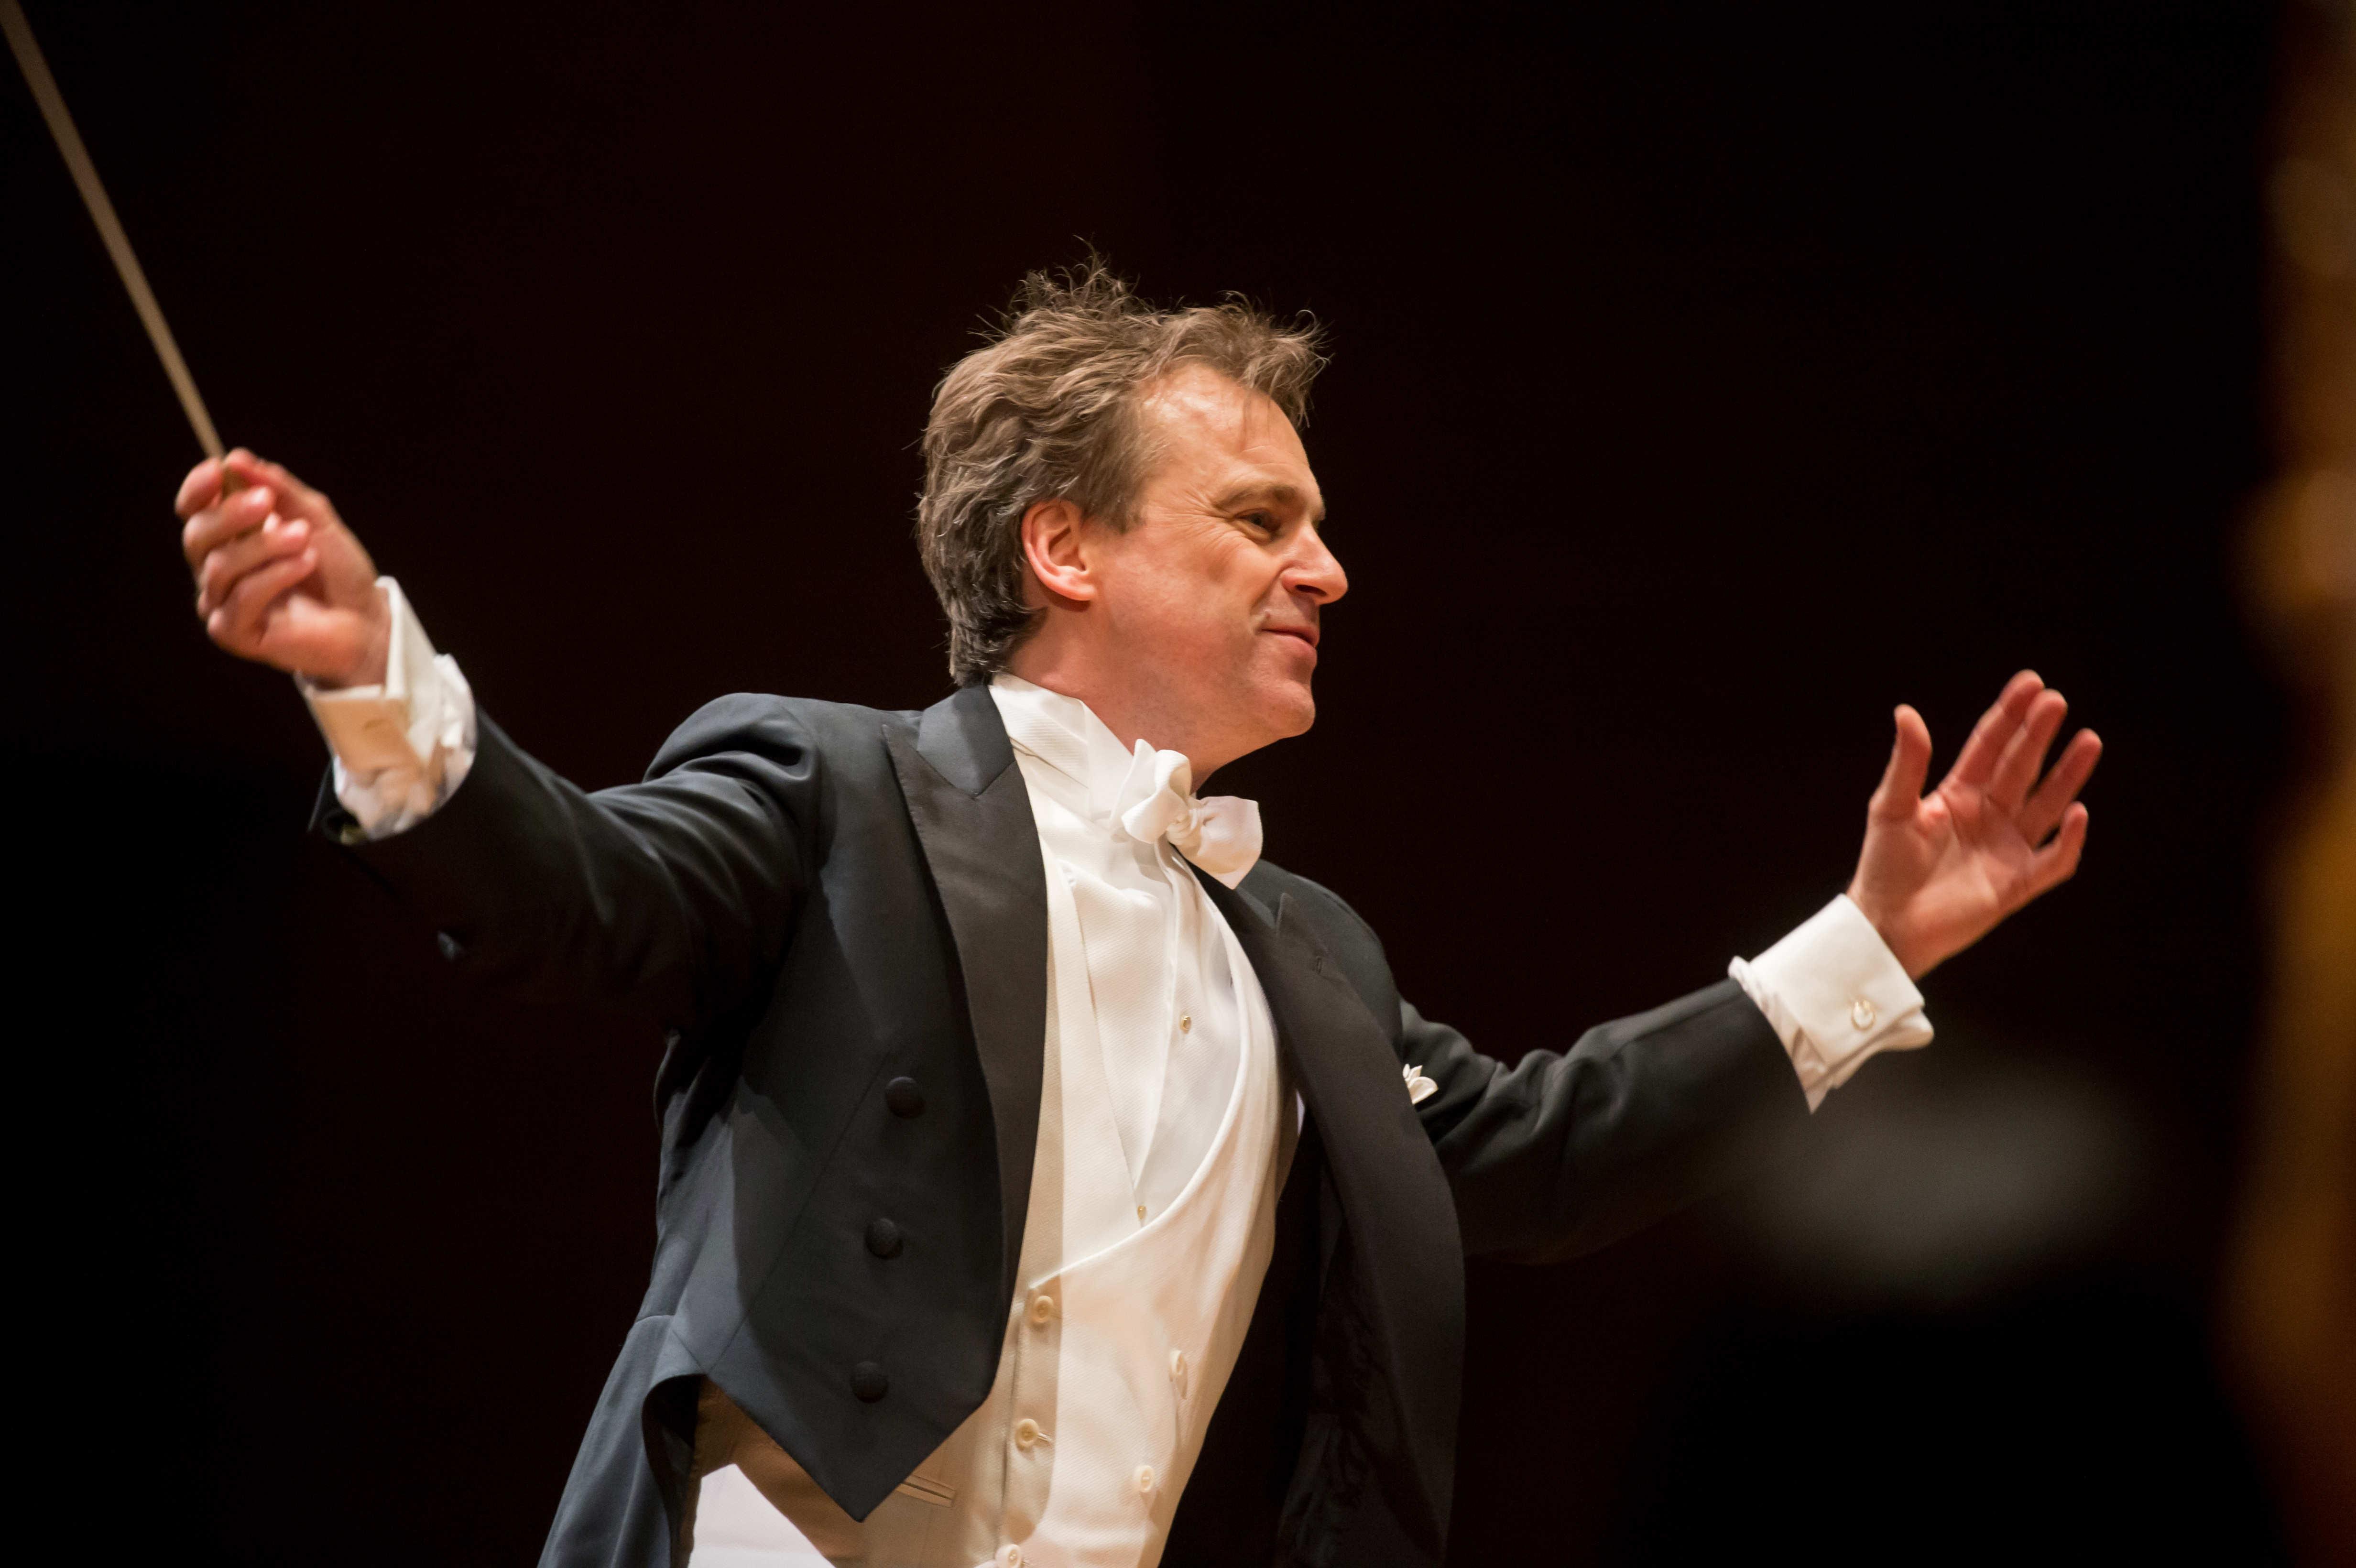 ジョナサン・ノットと東京交響楽団は共演のたびに関係を、その音楽を深めている (c)N.Ikegami